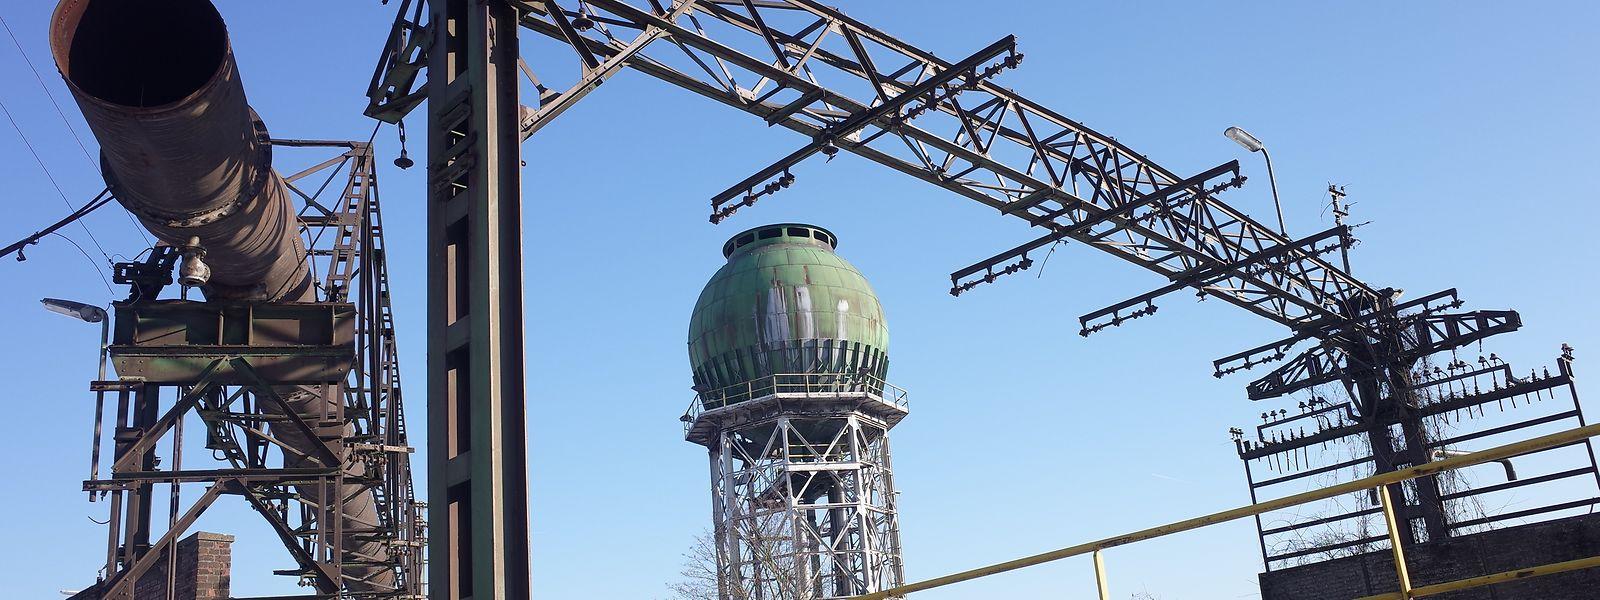 Les éléments remarquables de l'architecture industrielle du site, à l'image du château d'eau, seront intégrés au futur quartier.